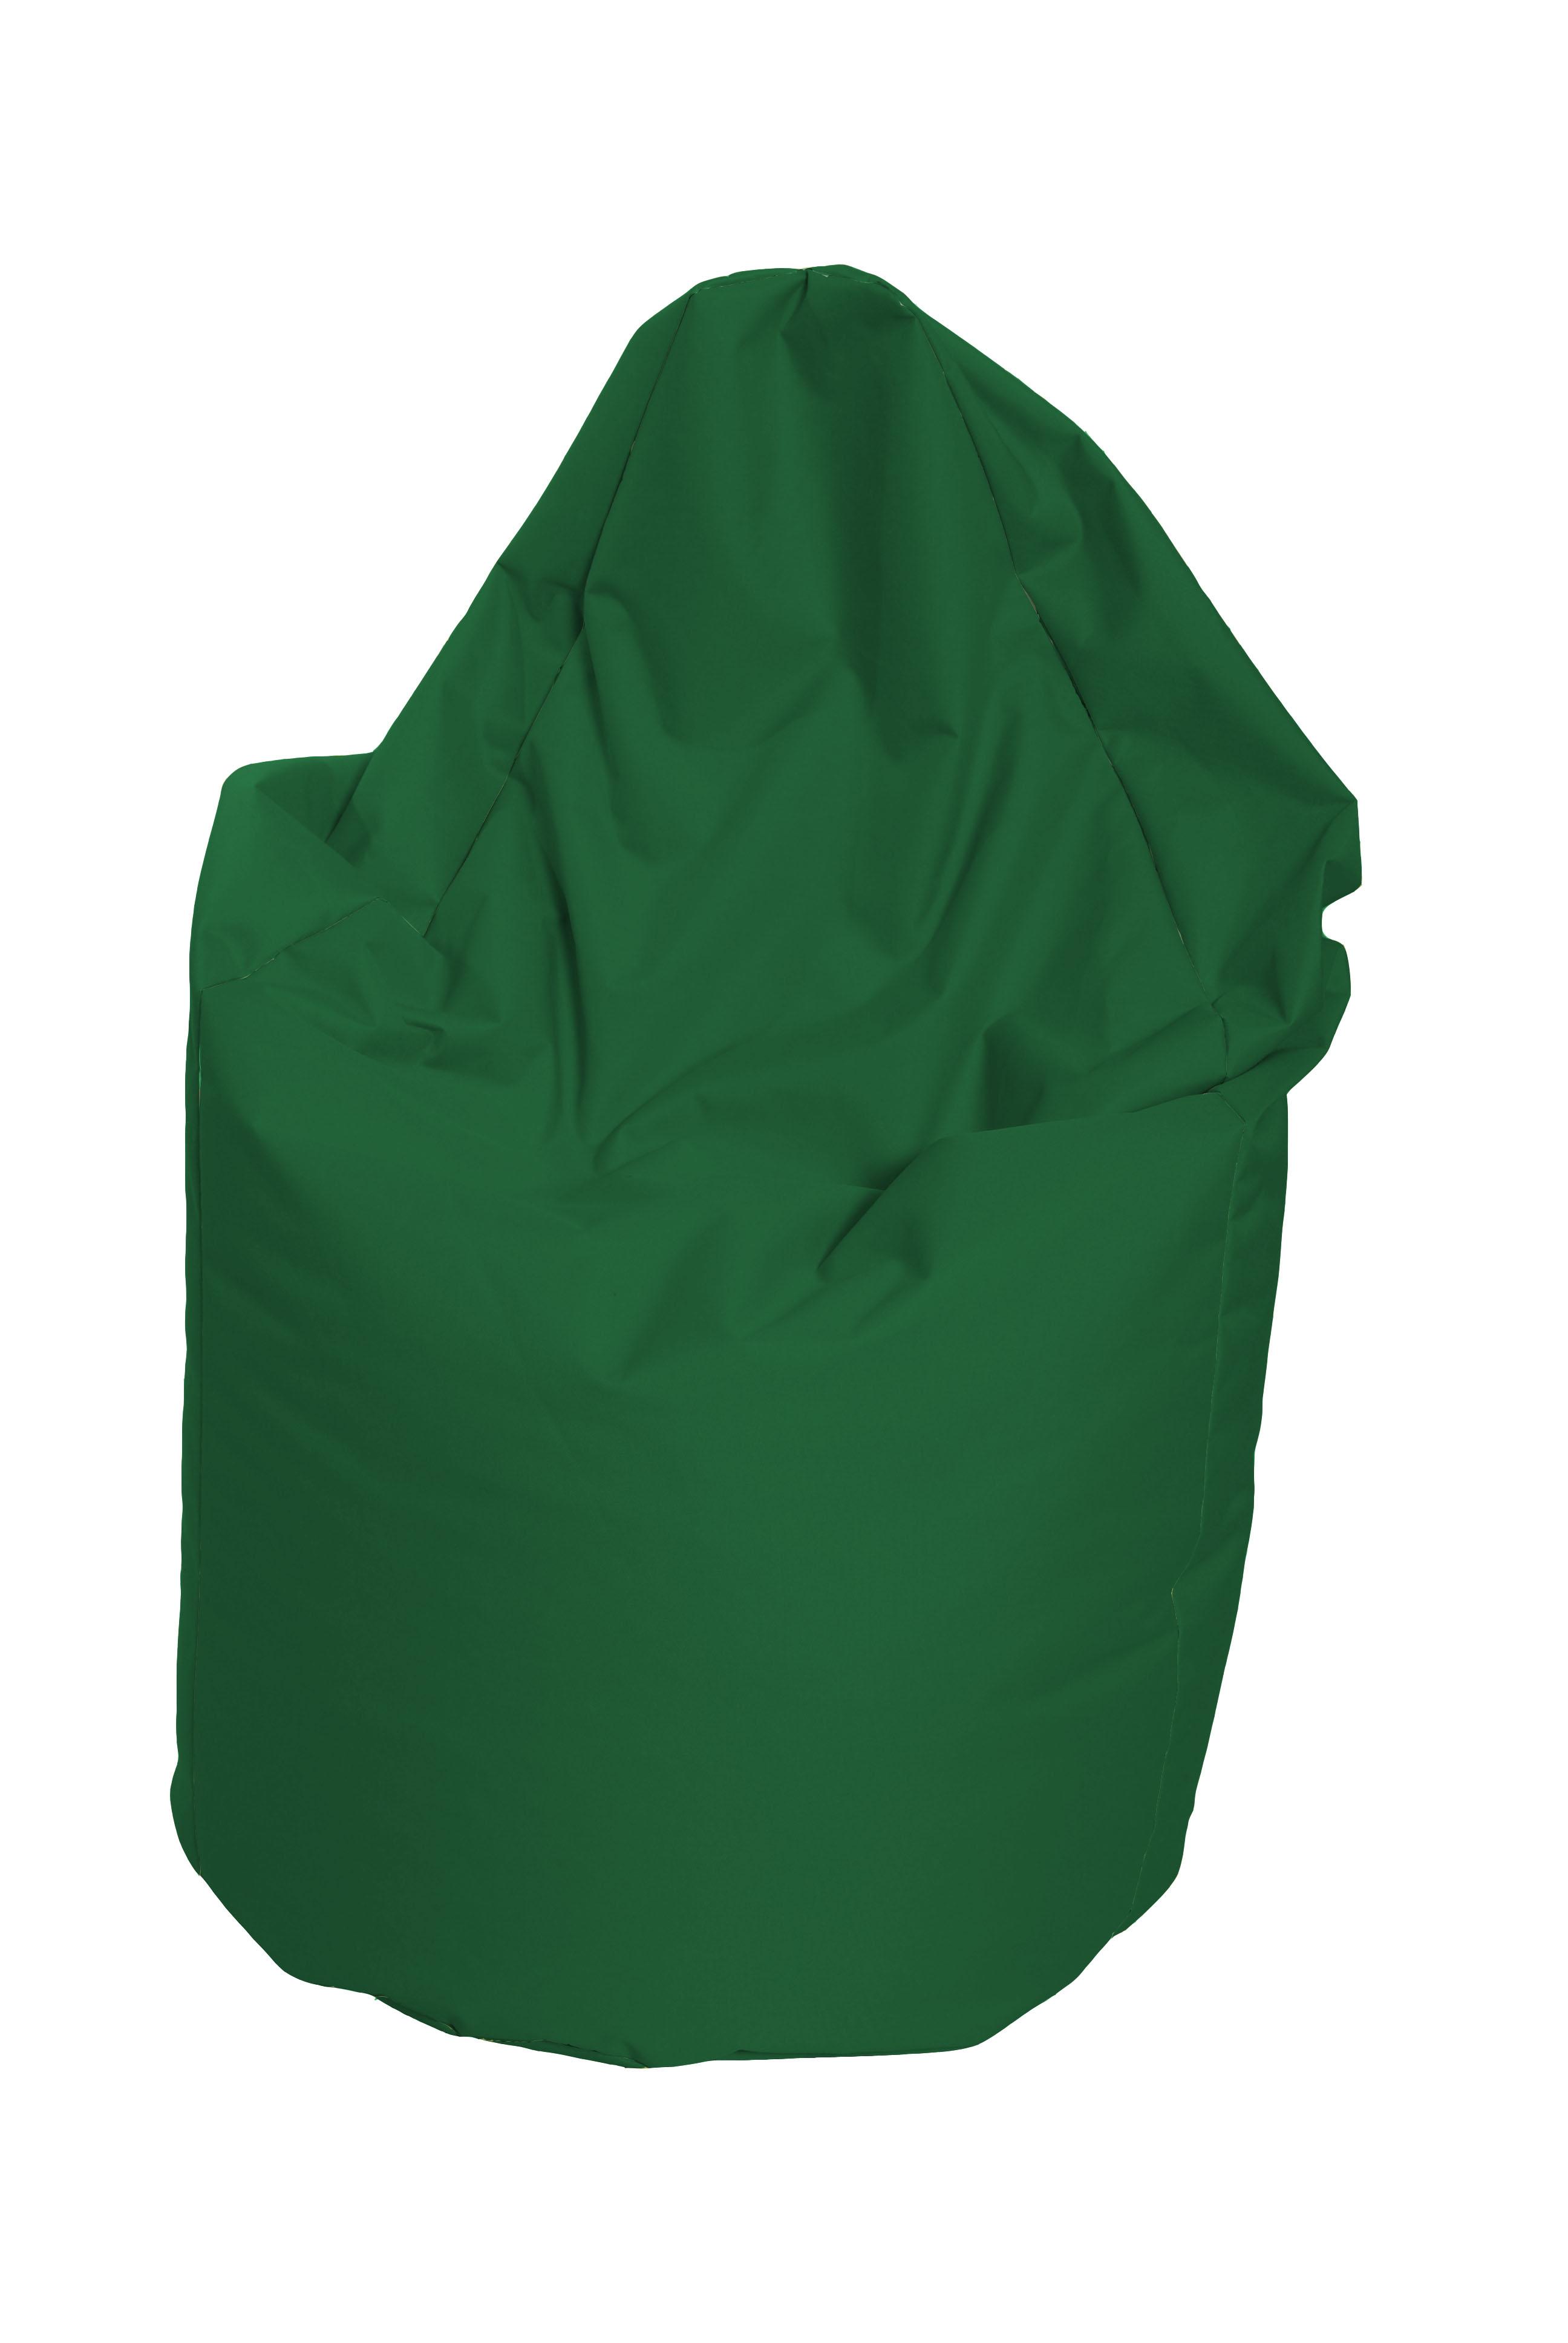 M&M sedací vak hruška Mega vnitřní obal 140x80cm tmavě zelená (tmavě zelená 80026)